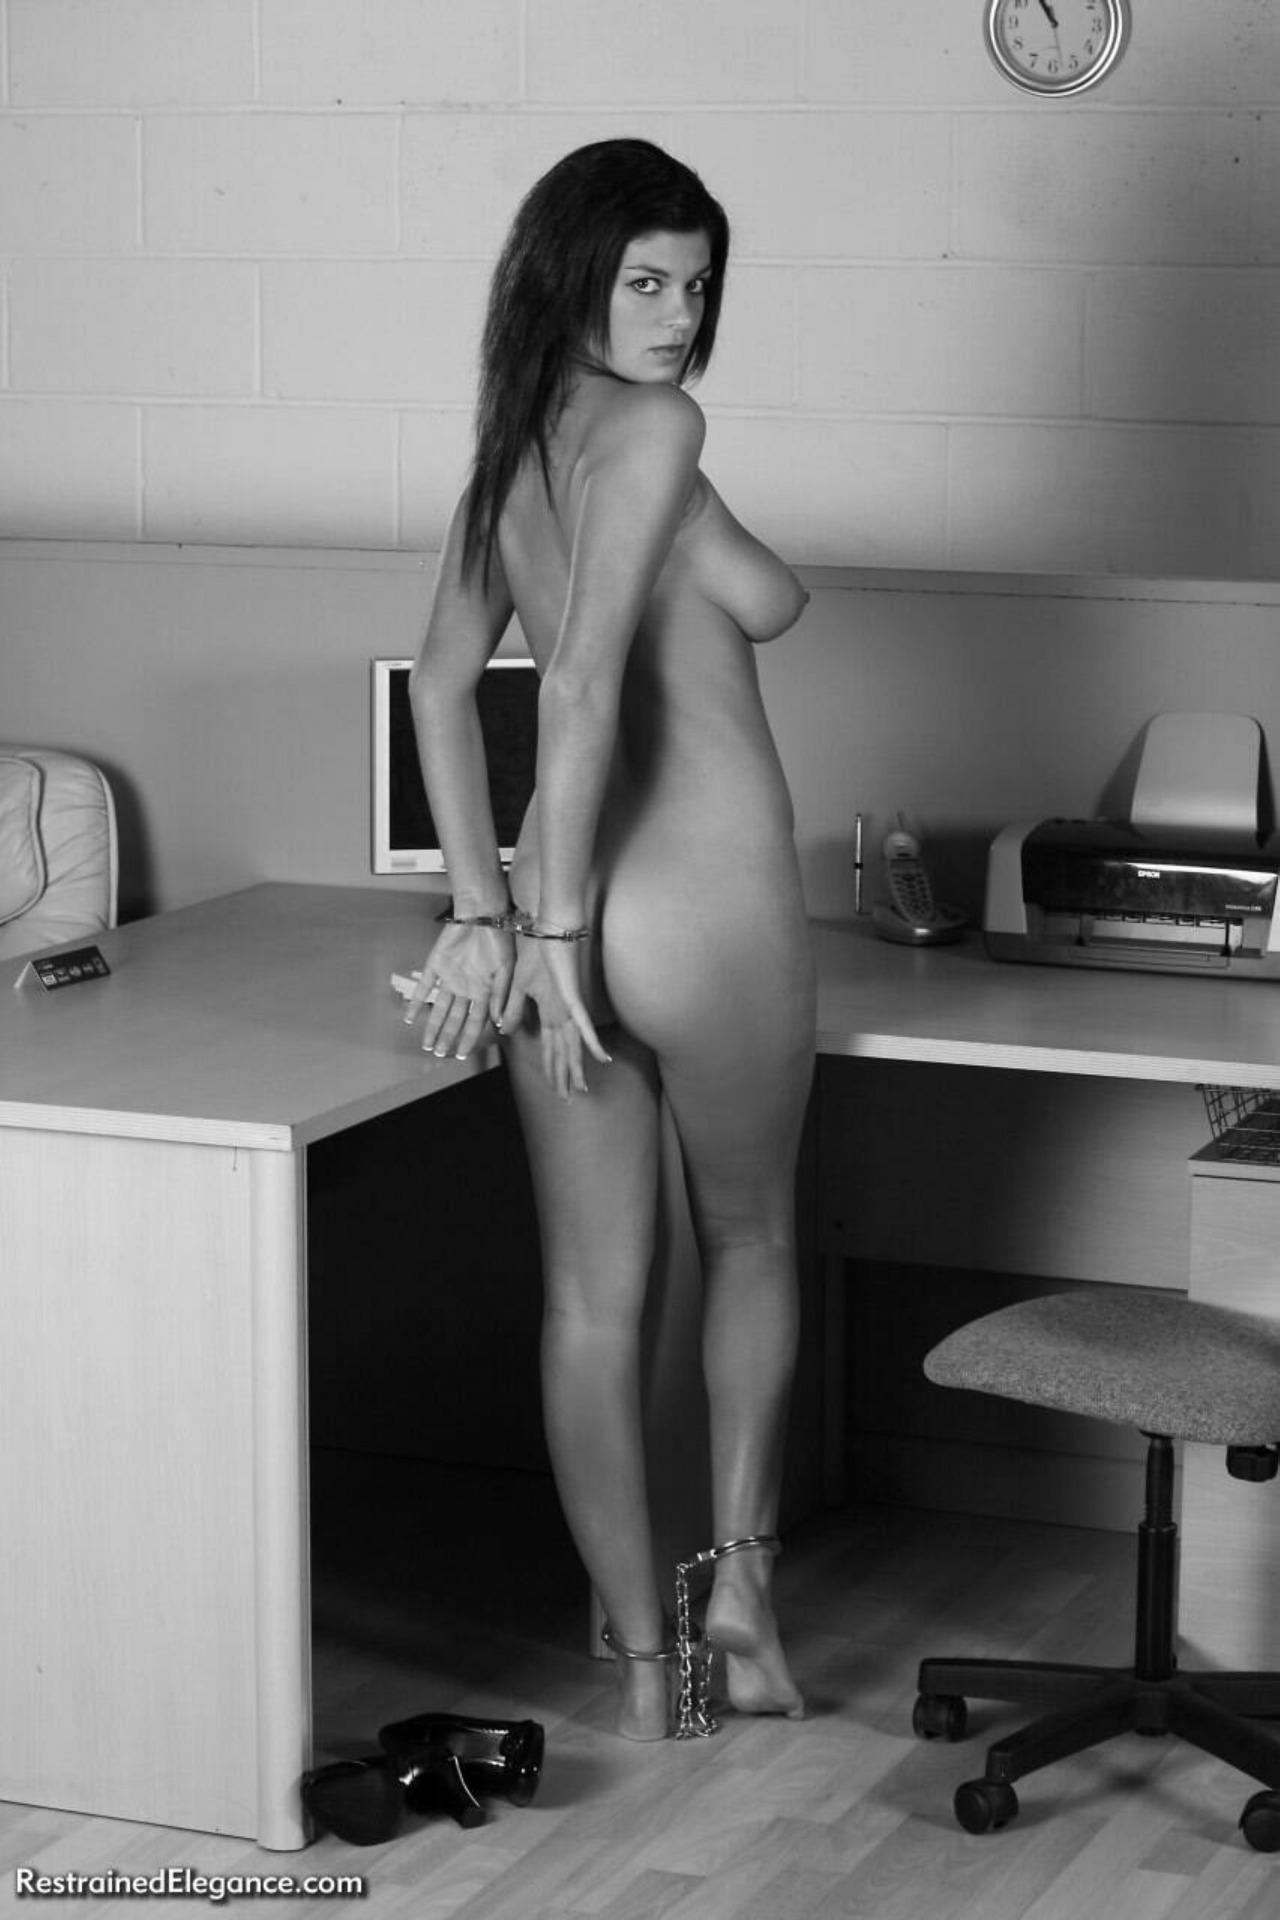 uk amateur sex wives pics